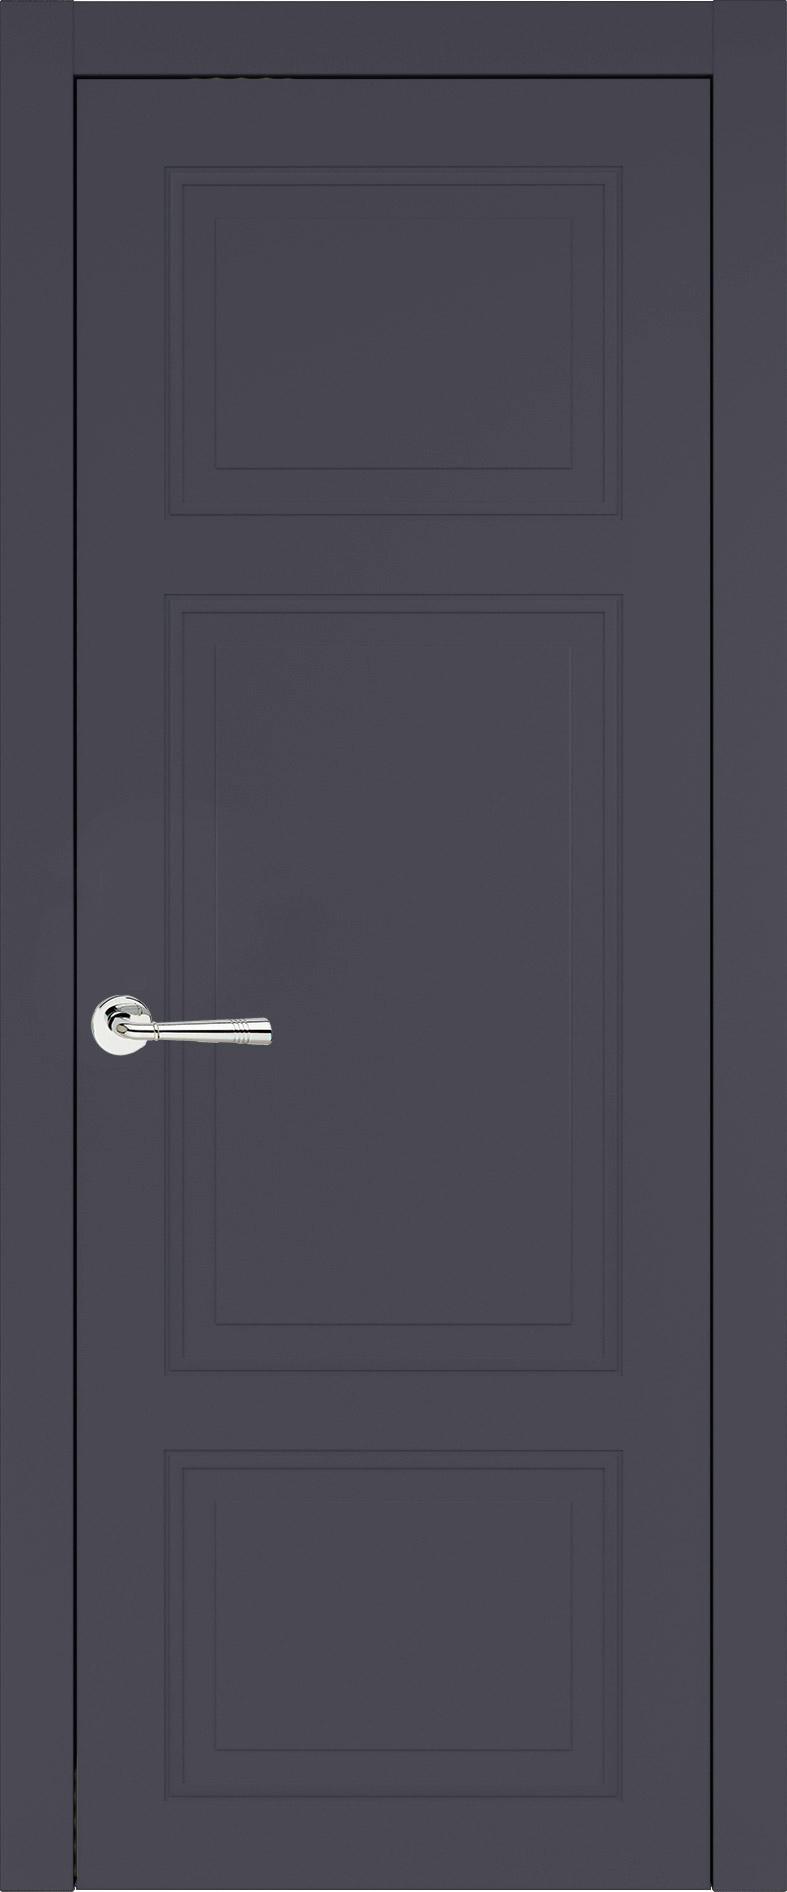 Siena Neo Classic цвет - Графитово-серая эмаль (RAL 7024) Без стекла (ДГ)